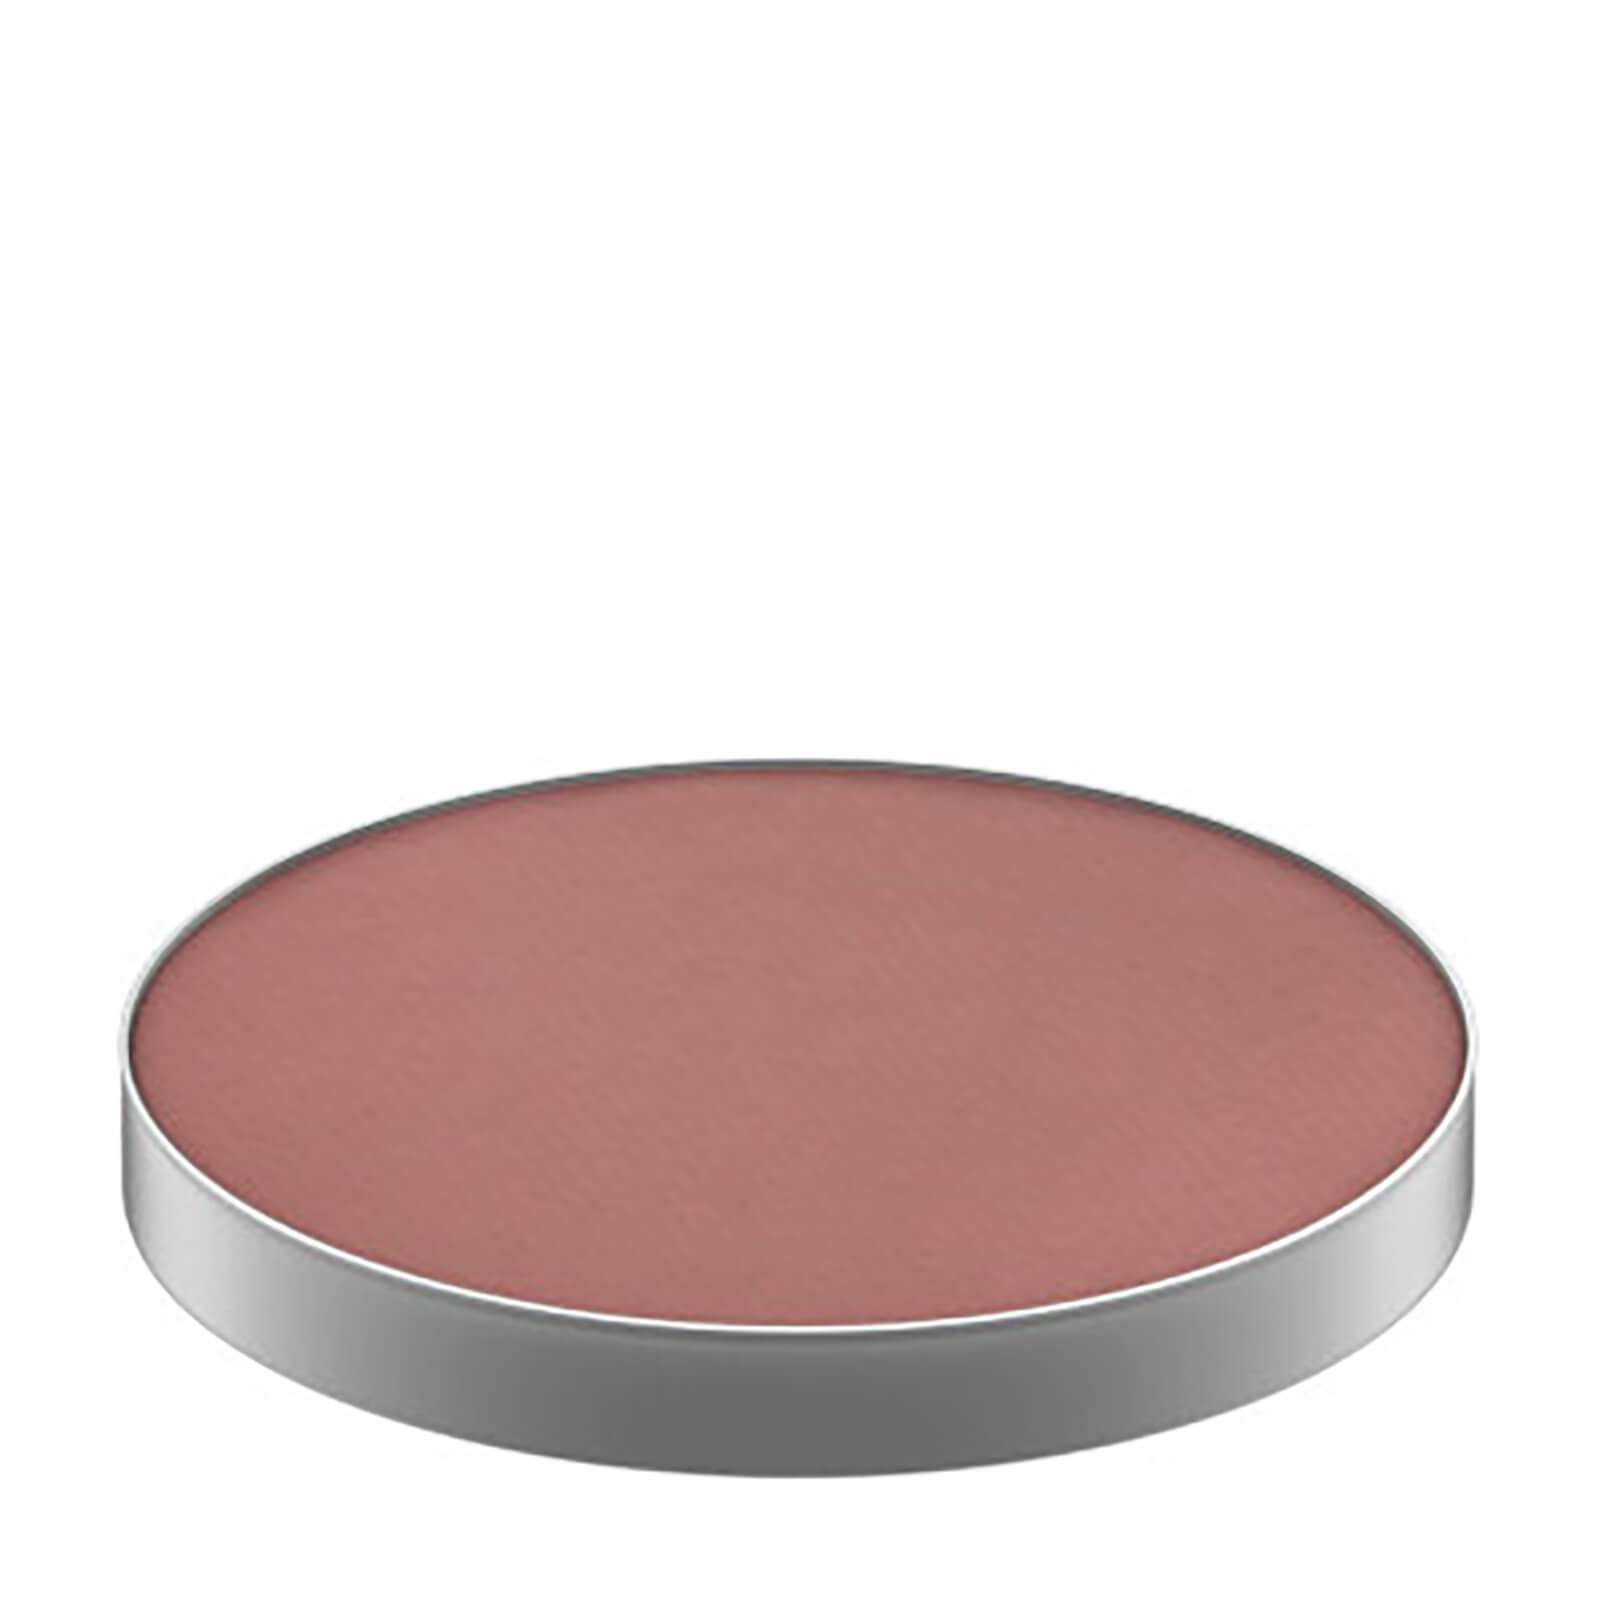 MAC Pro Palette Fard à joues poudre compacte (teintes variées) - Swiss Chocolate